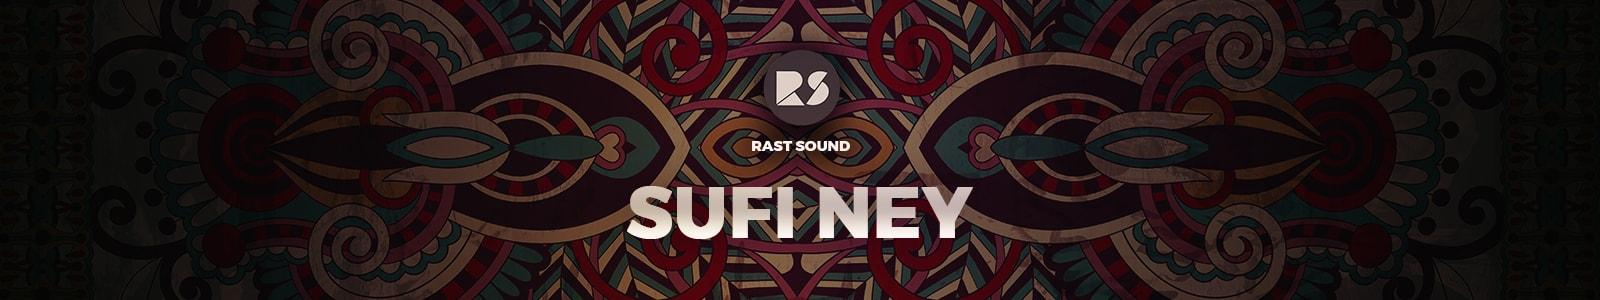 Sufi Ney II by rast sound